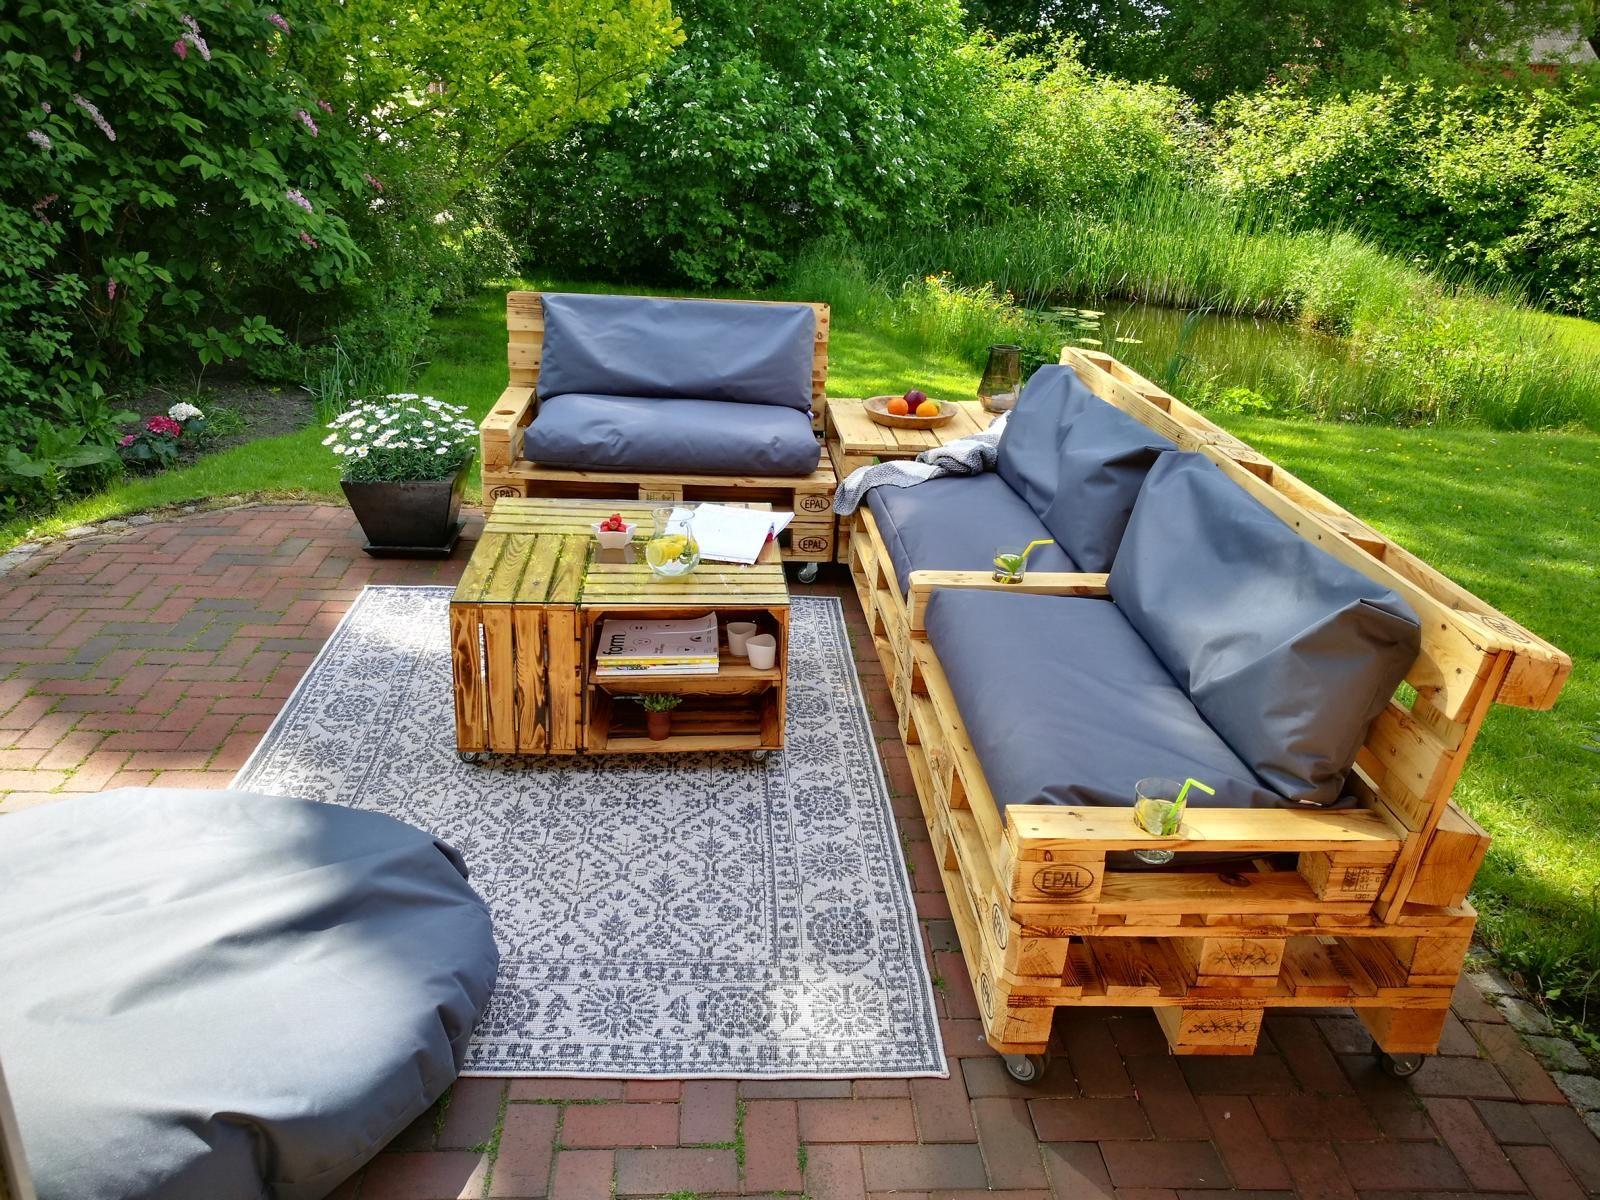 ᐅ Gartenmöbel Aus Paletten Diy Tipps Palettenmöbel Shop Palettenmöbel Garten Gartenmöbel Aus Europaletten Gartenmöbel Aus Paletten